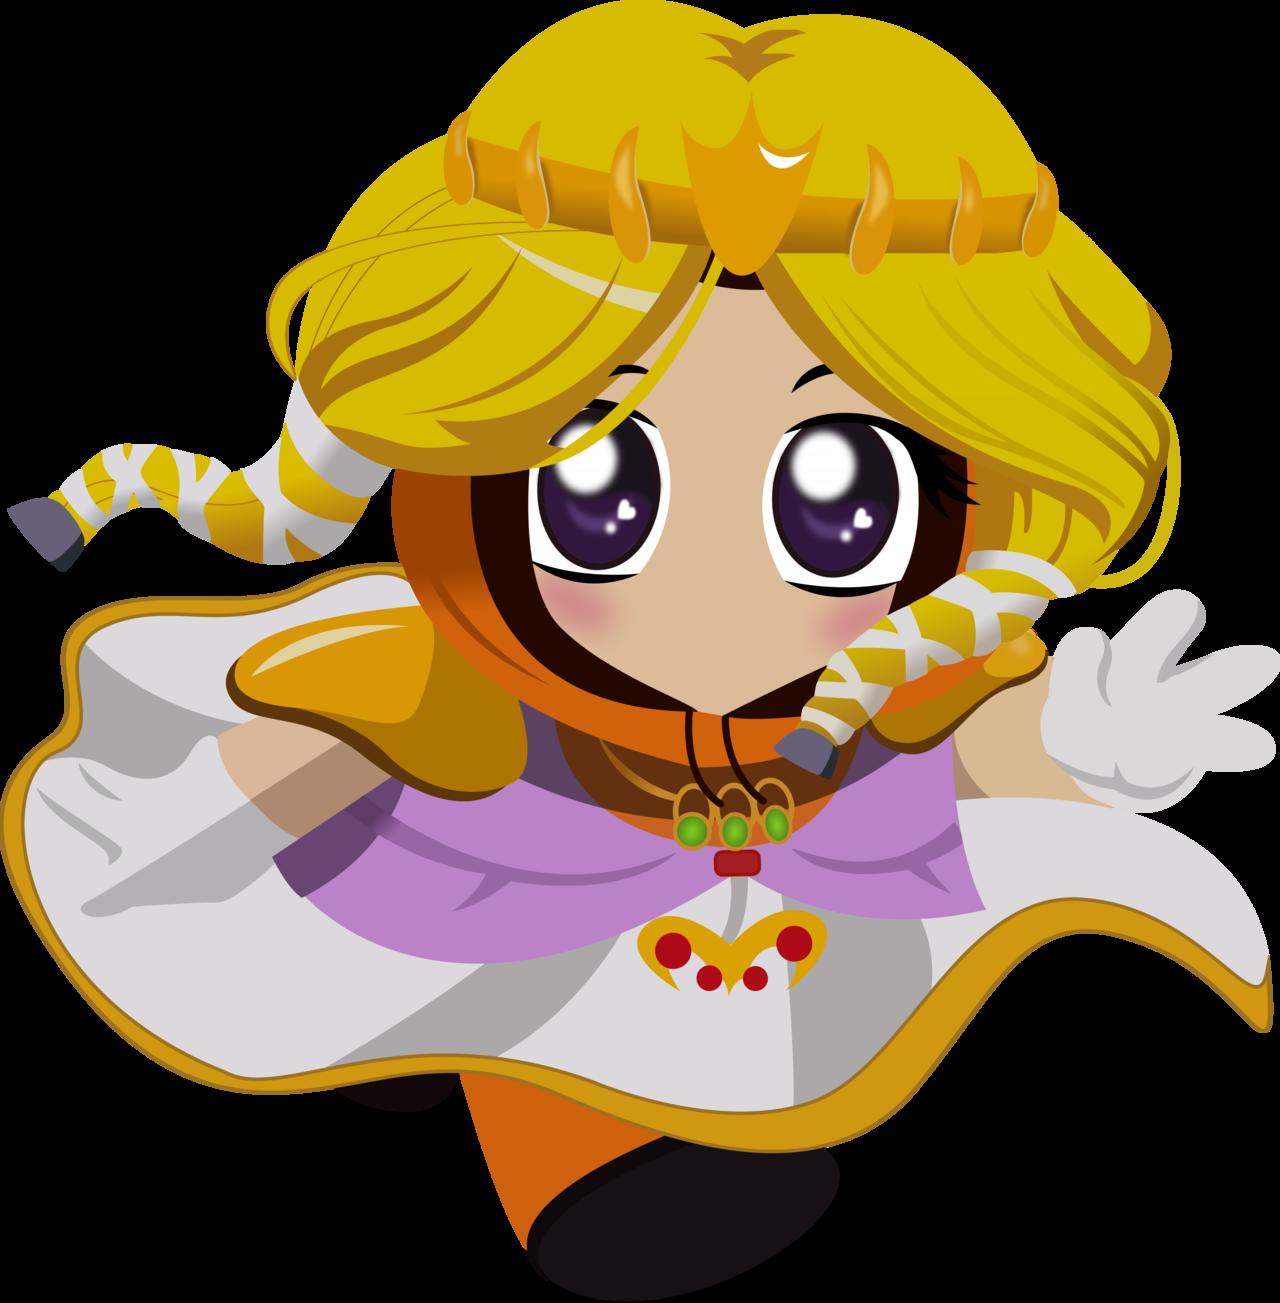 Princess kenny universe of. Clipart snake kawaii